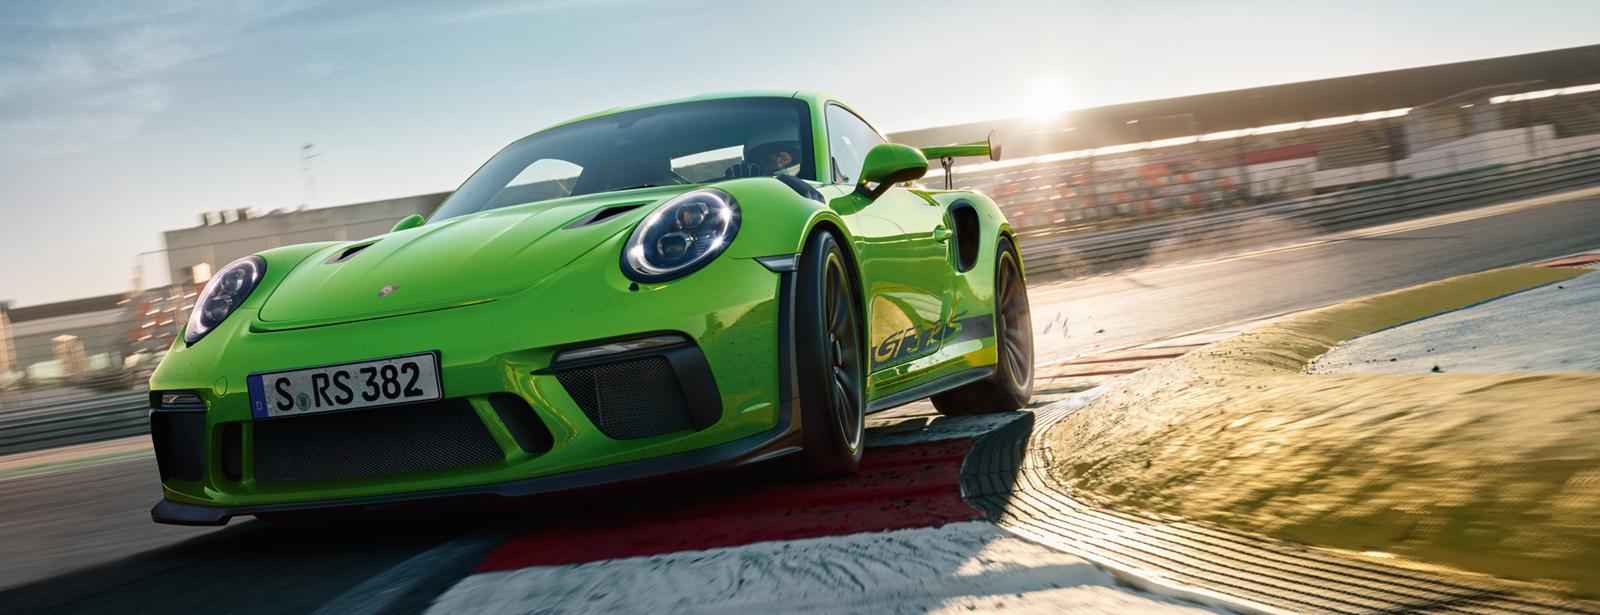 Porsche Zentrum Berlin » Herzlich willkommen